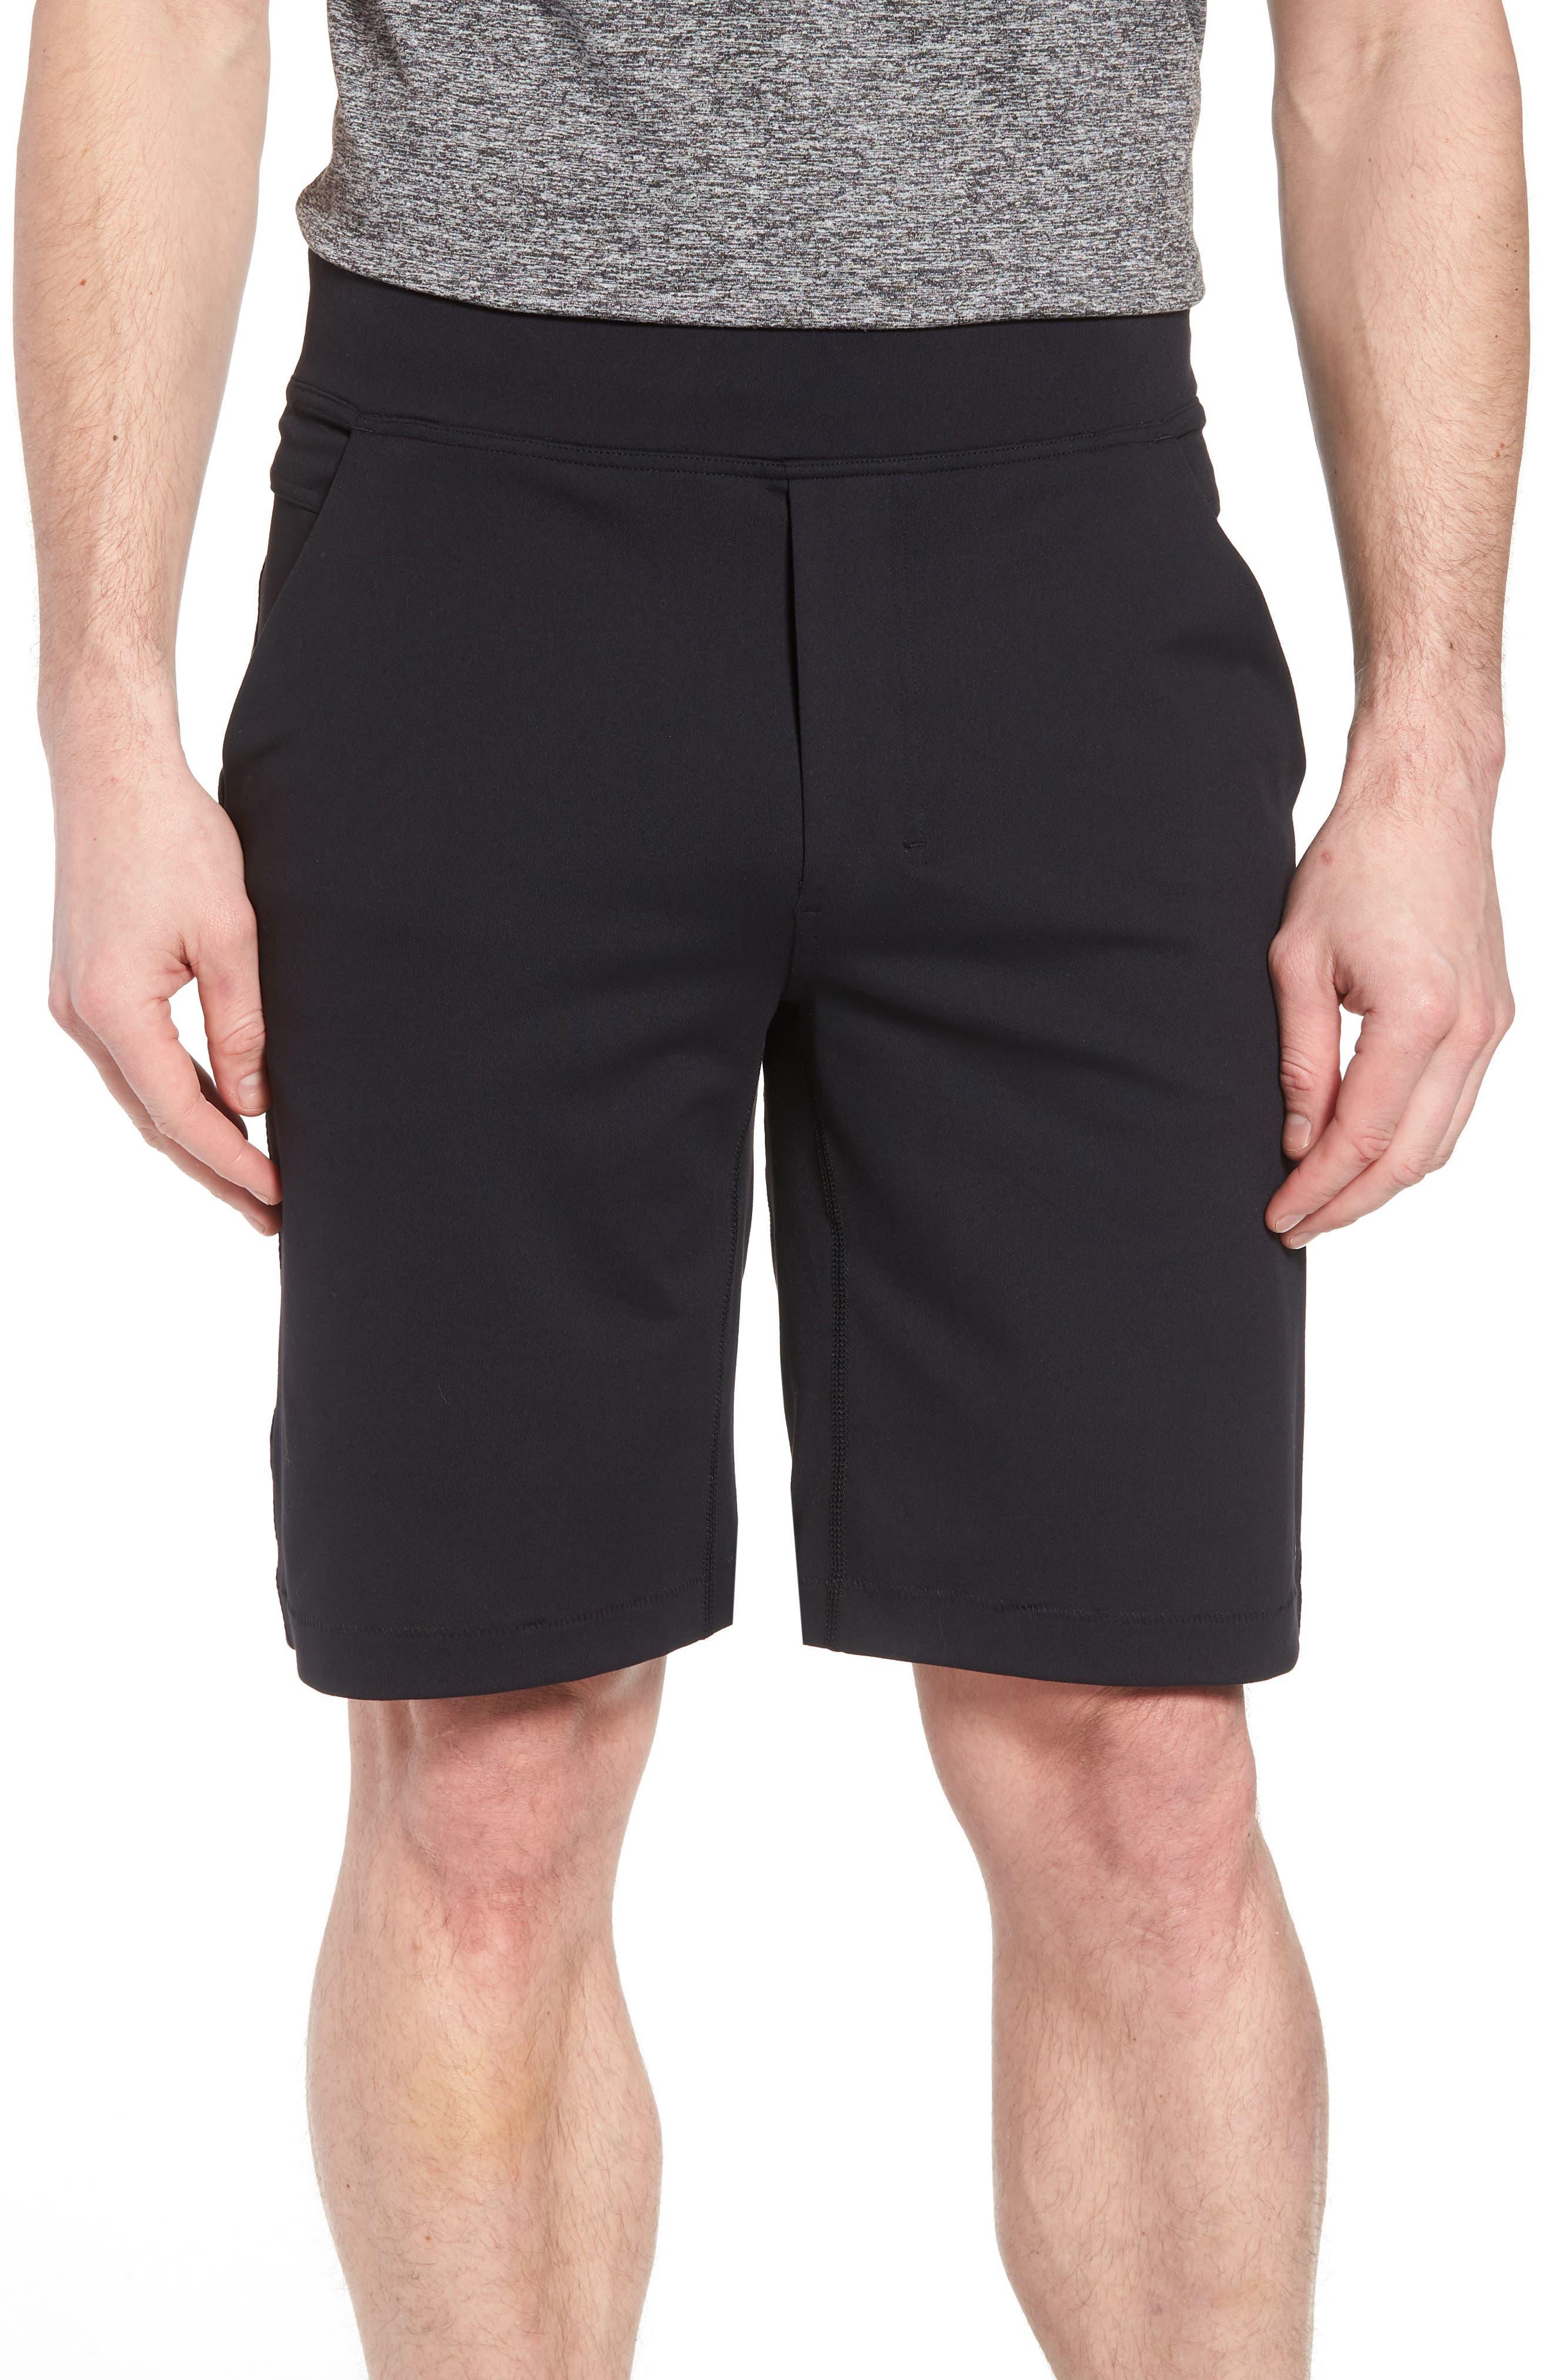 206 Shorts,                         Main,                         color, BLACK